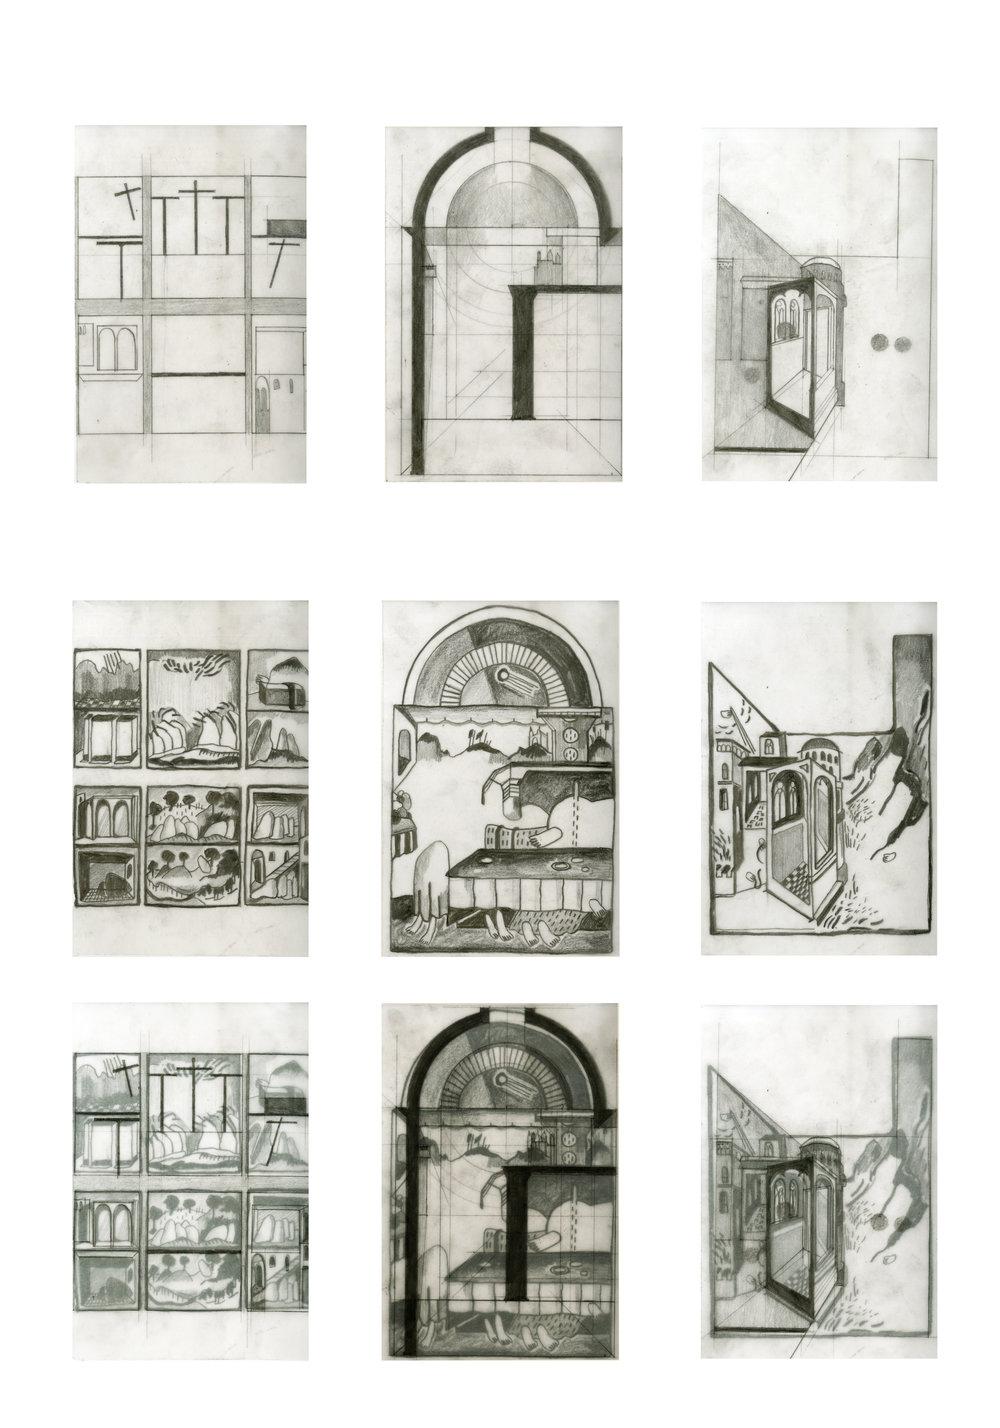 Menschel+Print.jpg